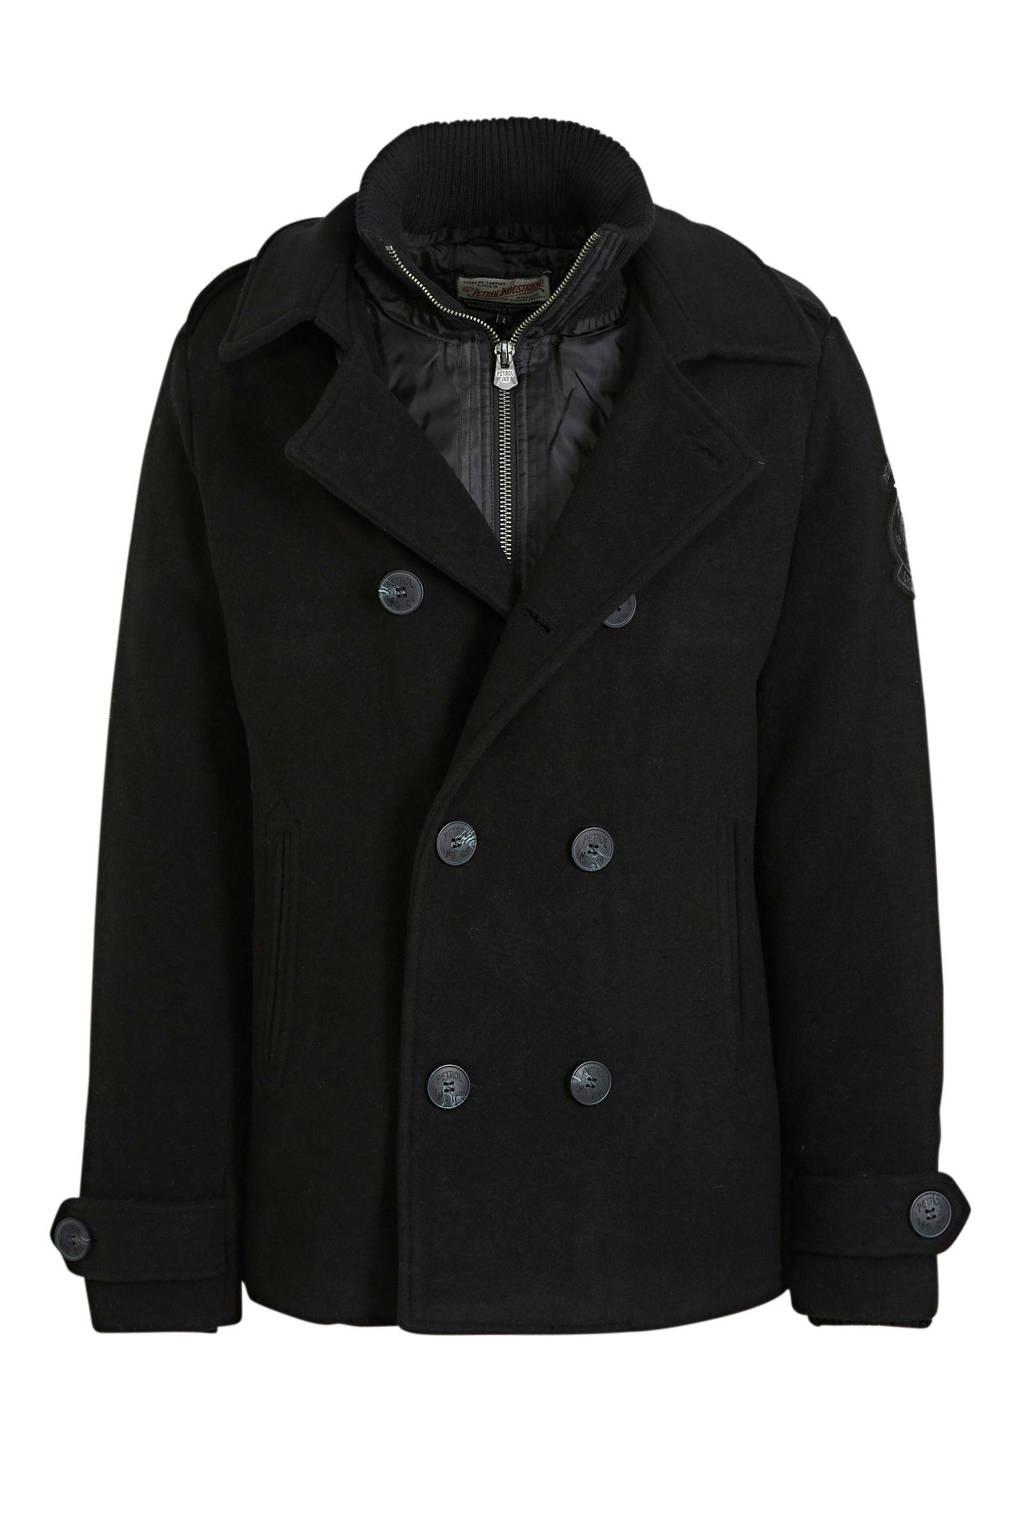 Petrol Industries jack met wol zwart, Zwart